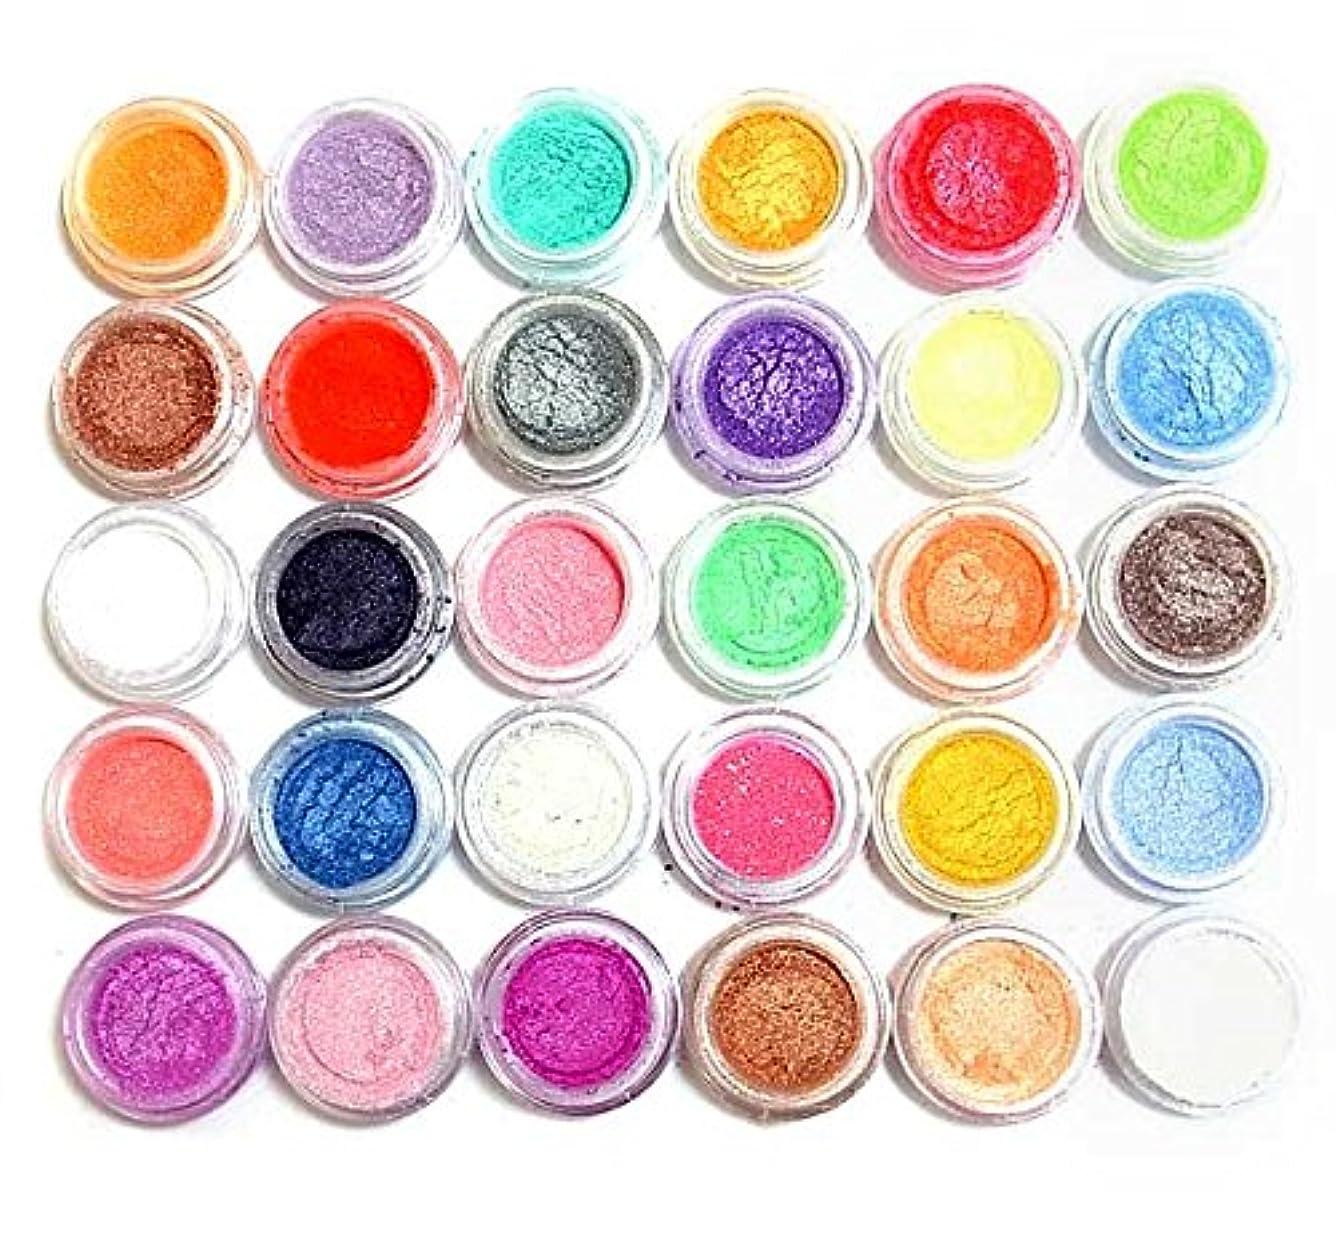 【新色】カラーパウダー顔料30色セット?クリアジェルに混ぜてパールカラージェルに!